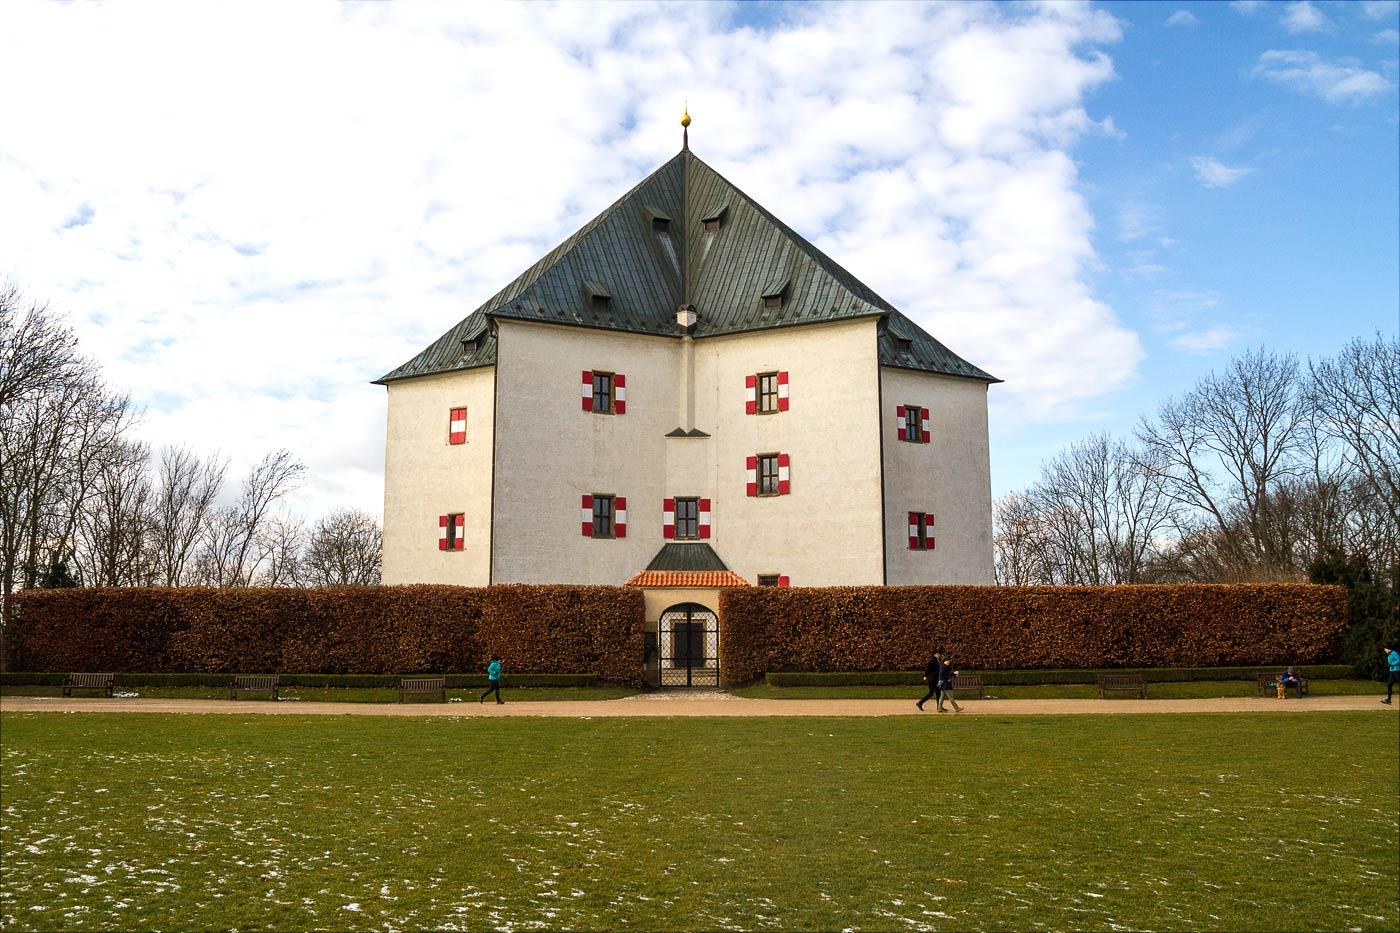 Летний дворец Звезда в Праге Либоц